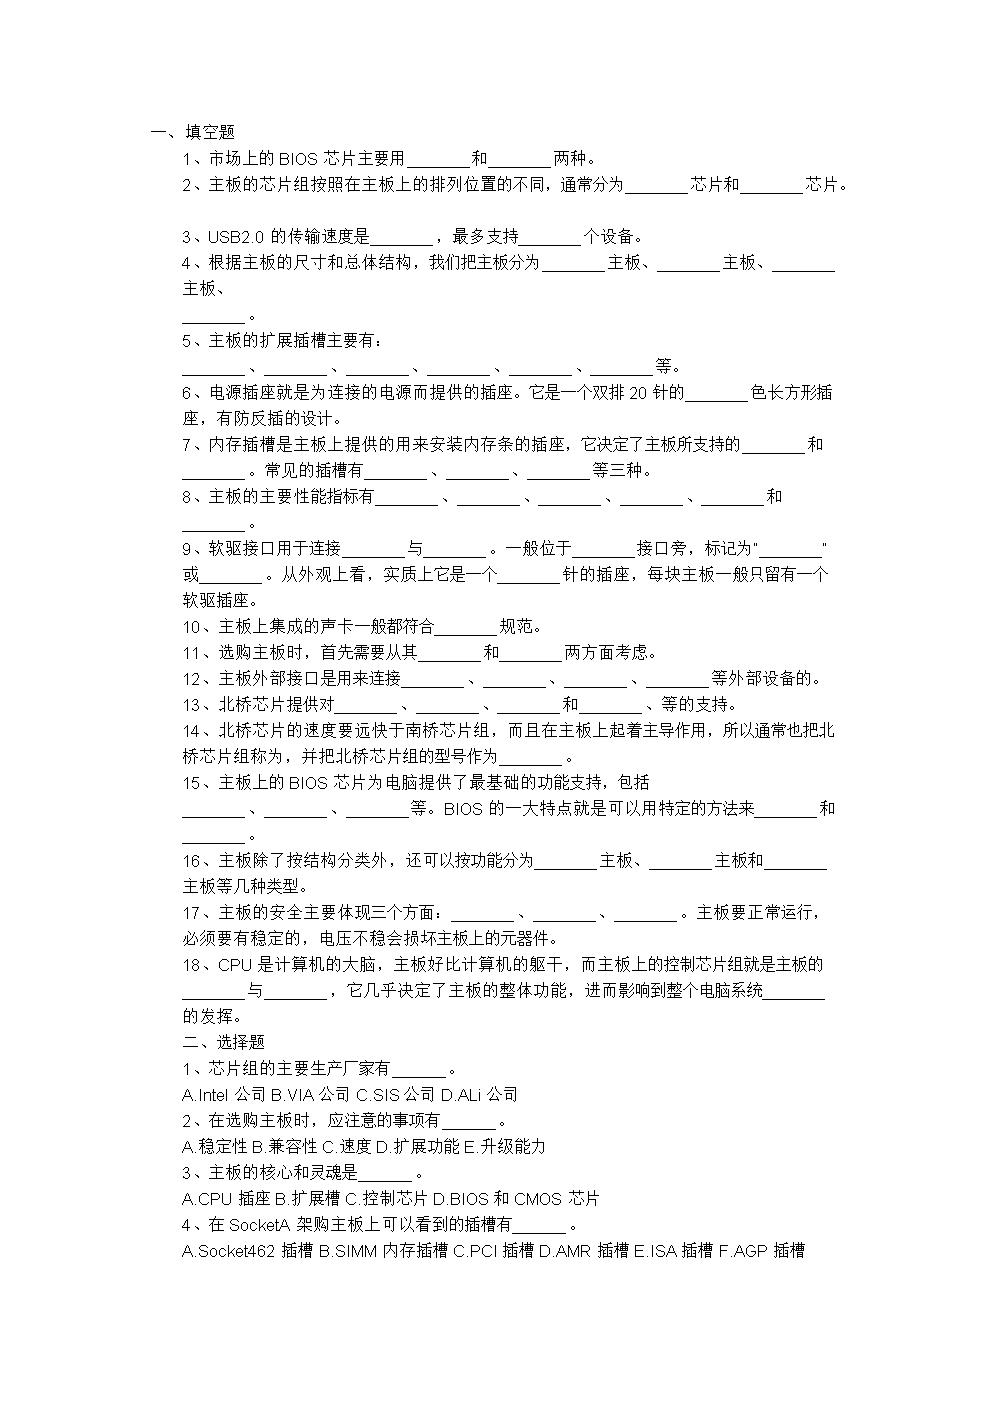 《計算機組裝與維護》試題之主板(含答案).doc